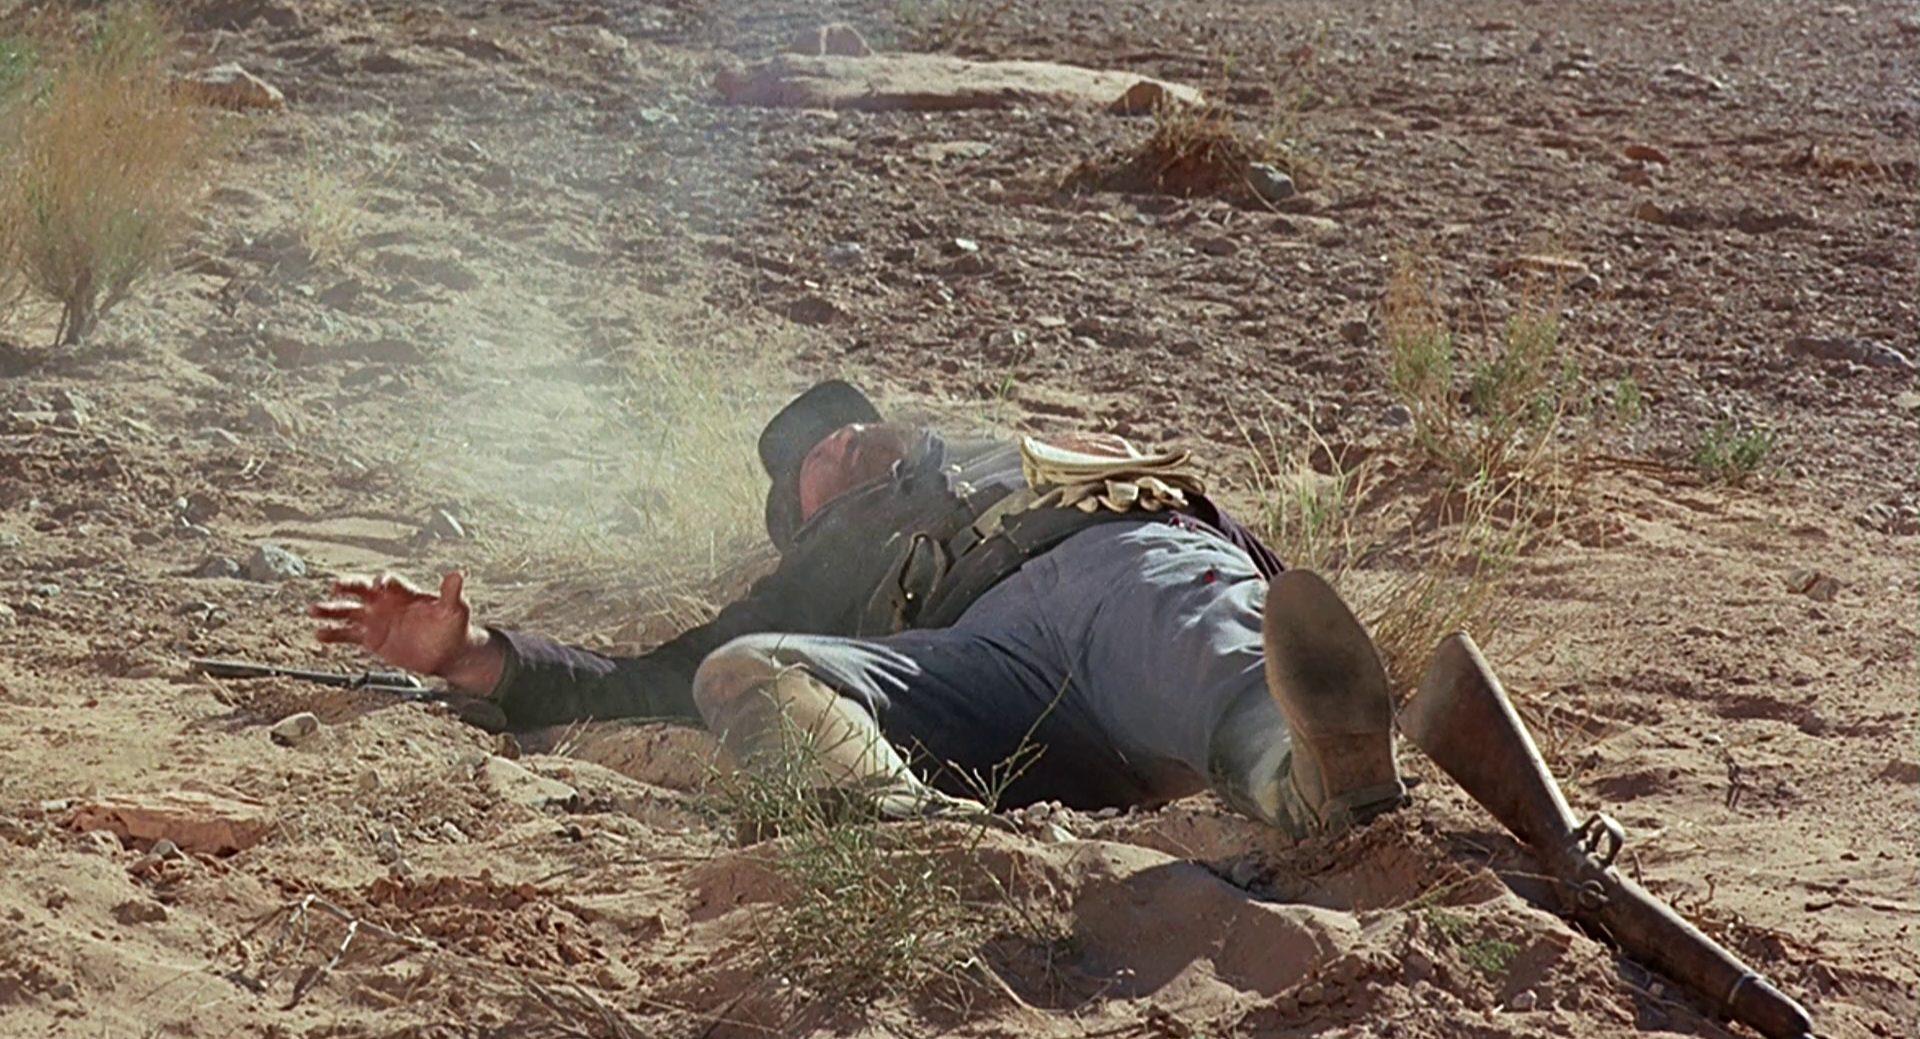 Ein gerade erschossener Kavallerist im Staub.